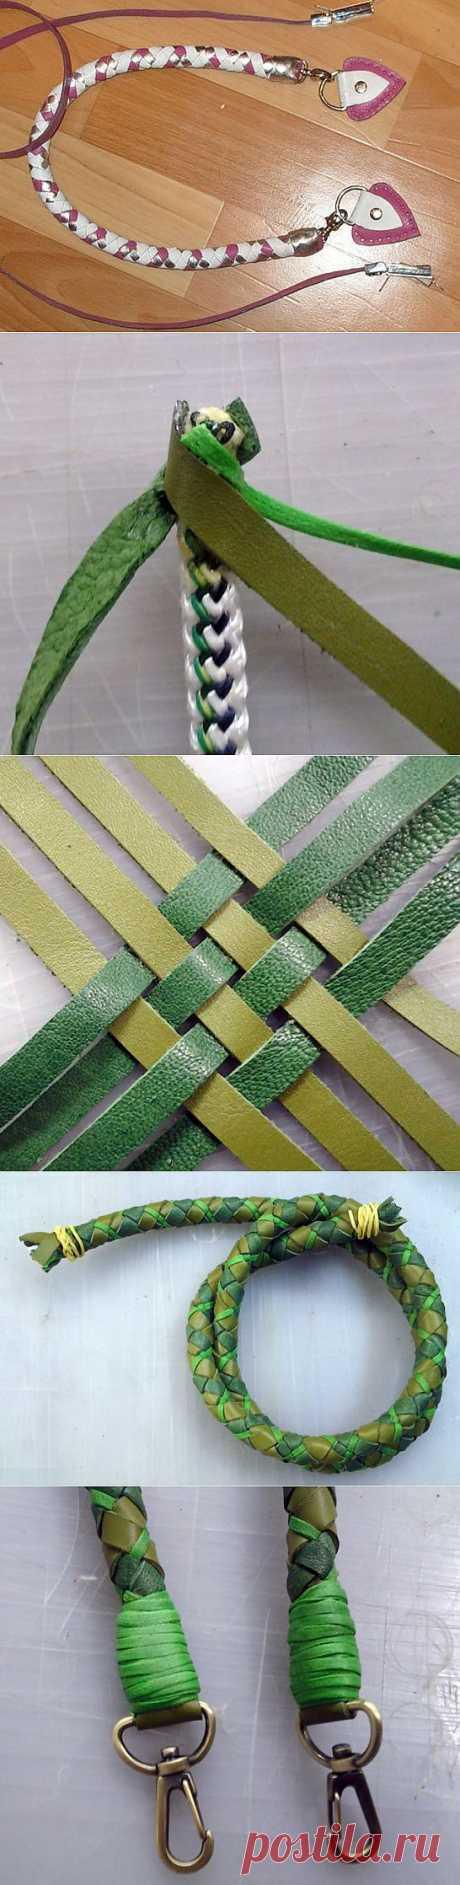 Мастер-класс по плетению ручек от Оксаны Калининой.